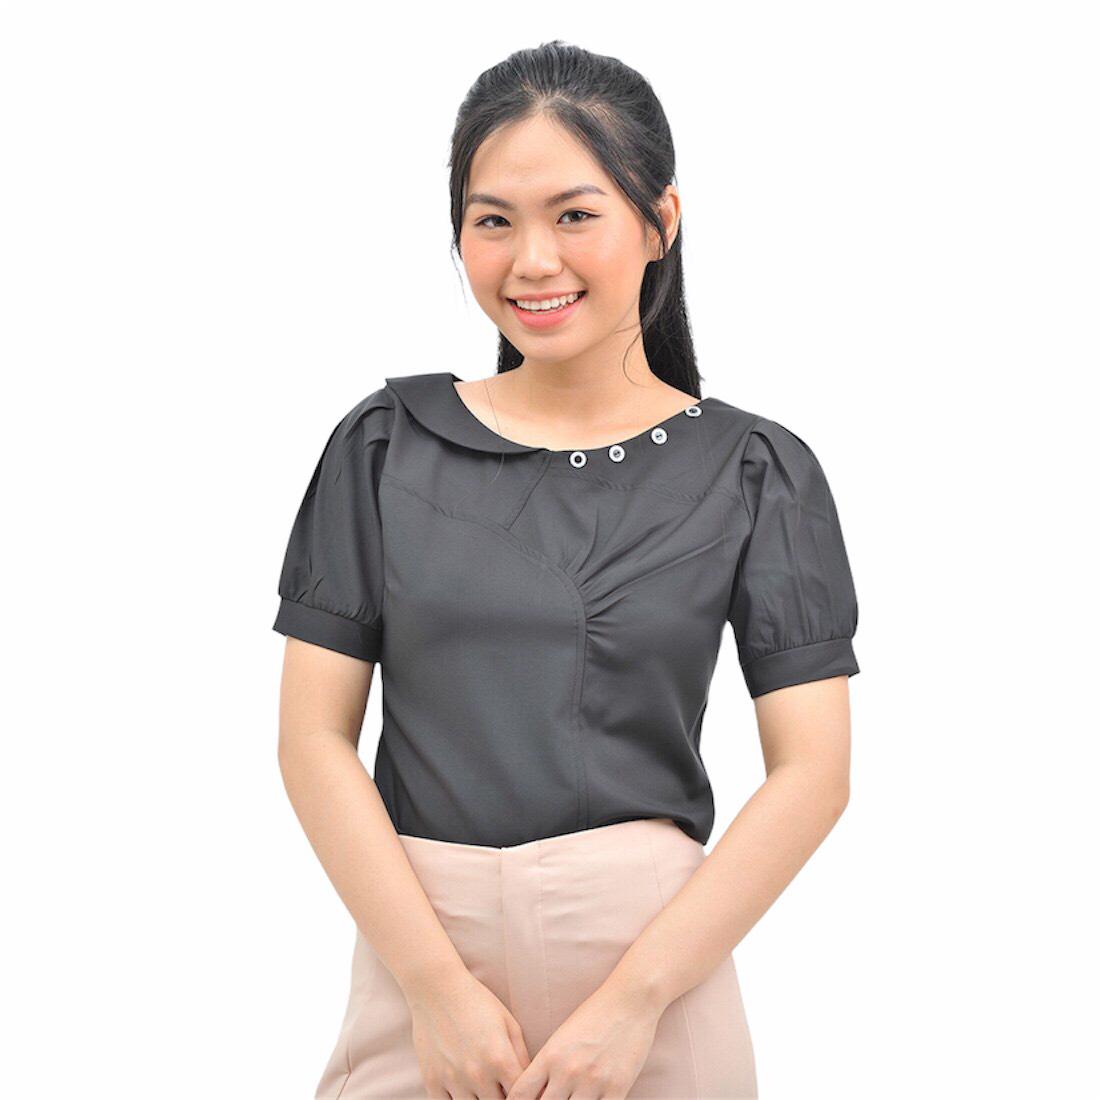 Áo kiểu nữ thời trang Eden cổ tròn cách điệu. Kiểu dáng trẻ trung, nữ tính. Chất liệu mềm mại, không nhăn - ASM124